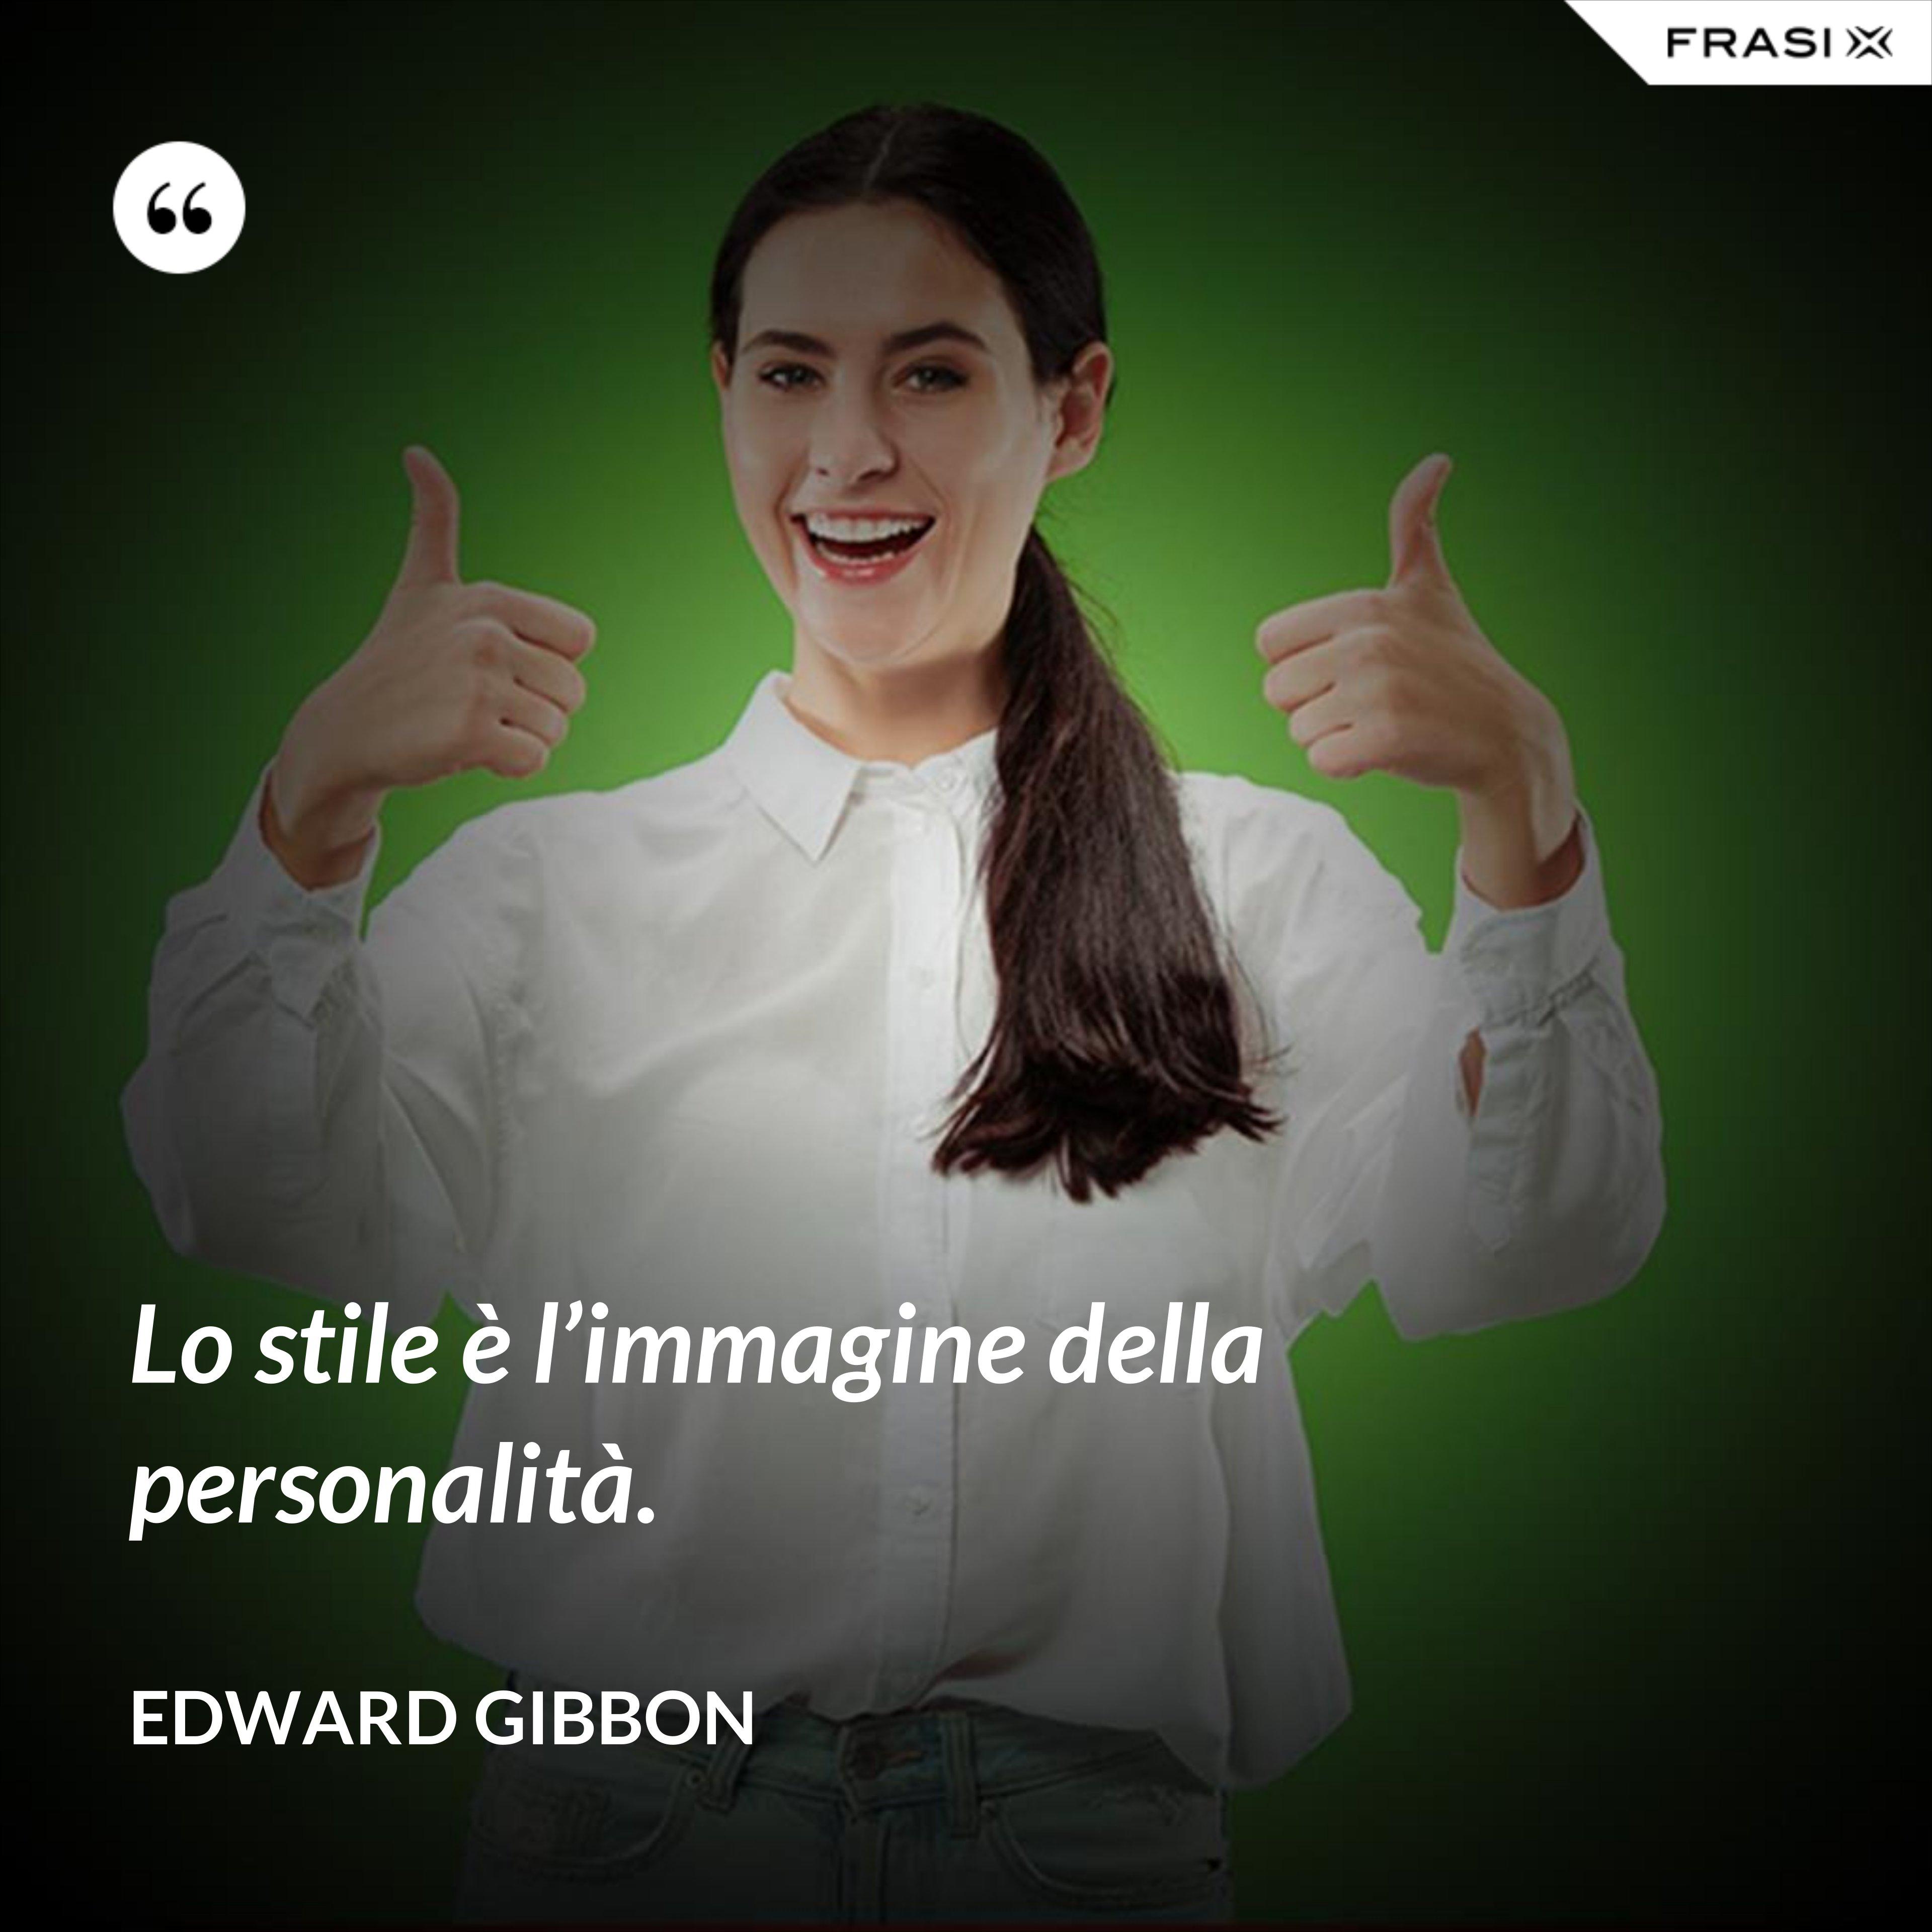 Lo stile è l'immagine della personalità. - Edward Gibbon